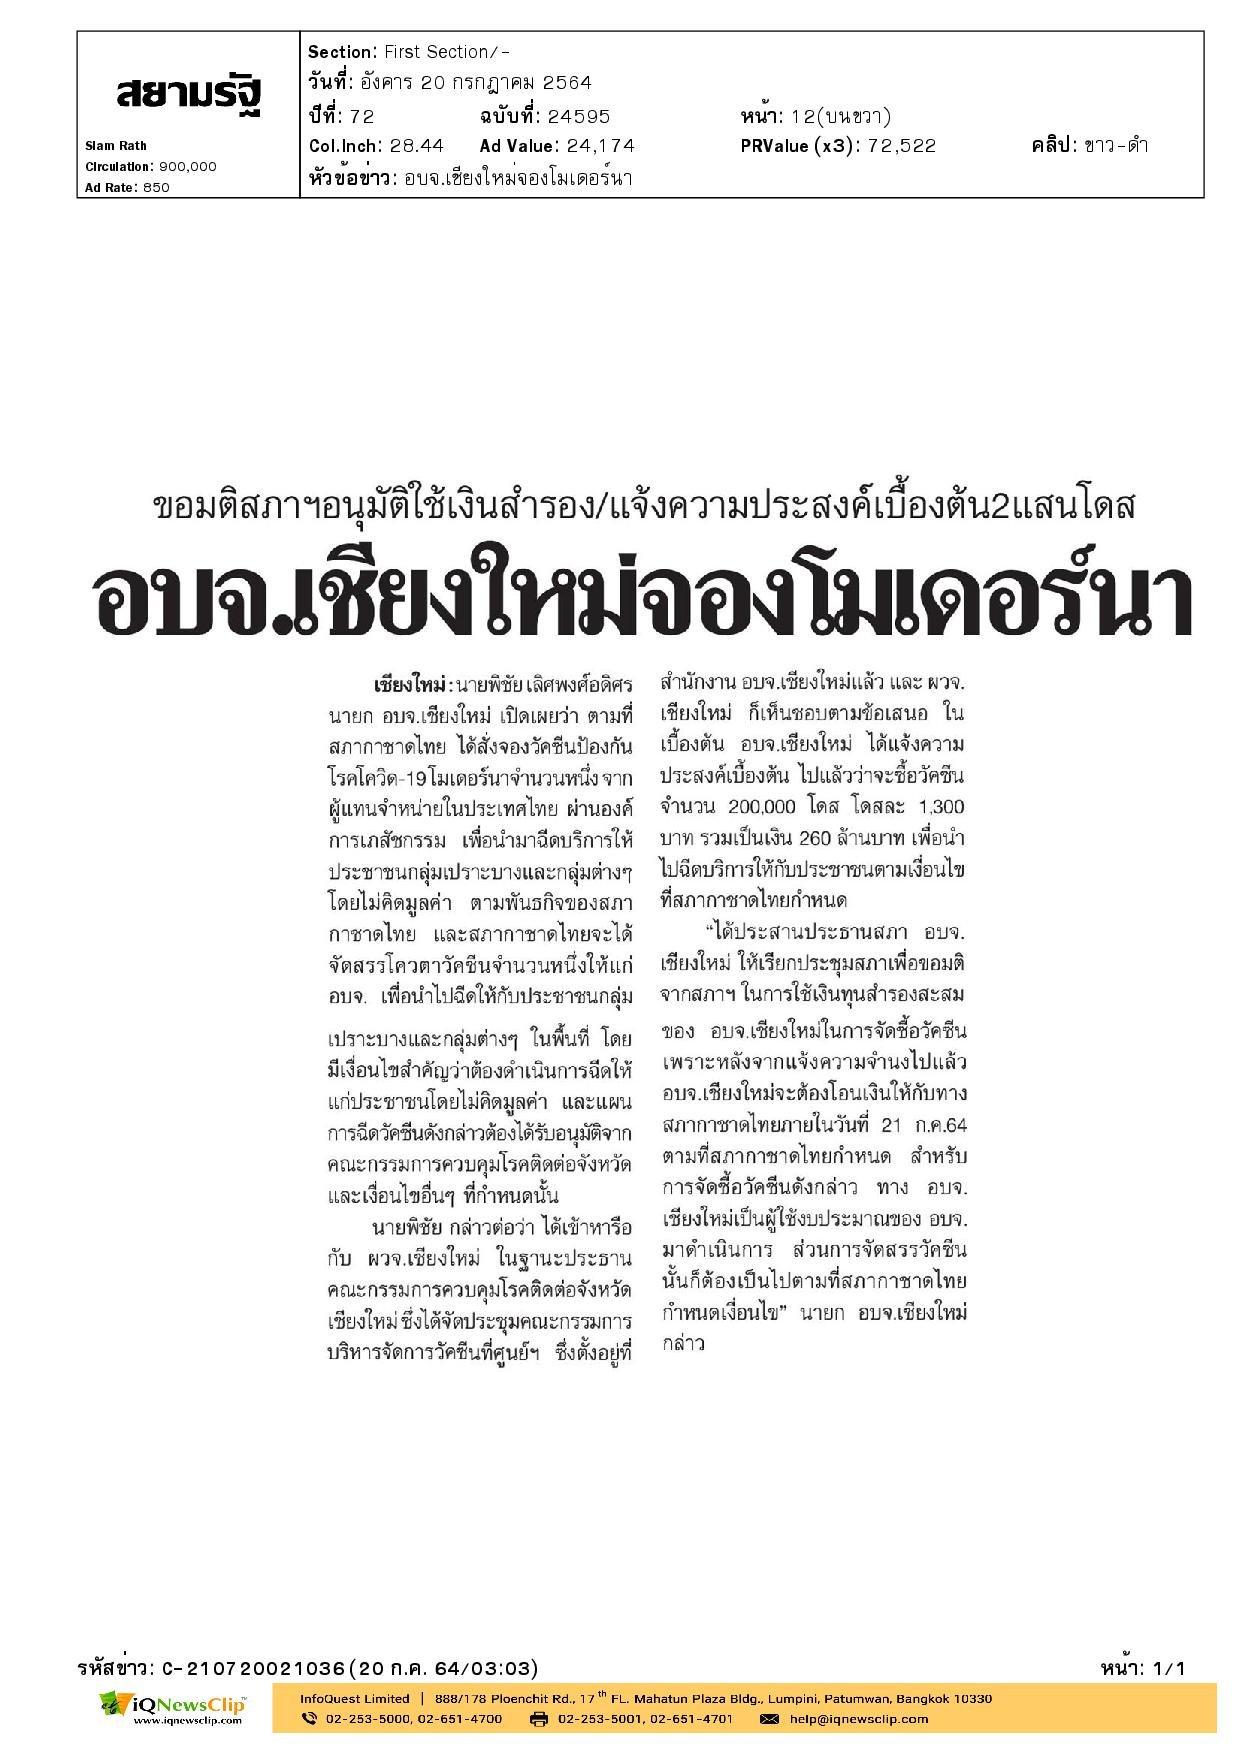 นายก อบจ.เชียงใหม่ ขานรับสั่งจองวัคซีนป้องกันโรคโควิด-19  โมเดอร์นา ตามพันธกิจของสภากาชาดไทย